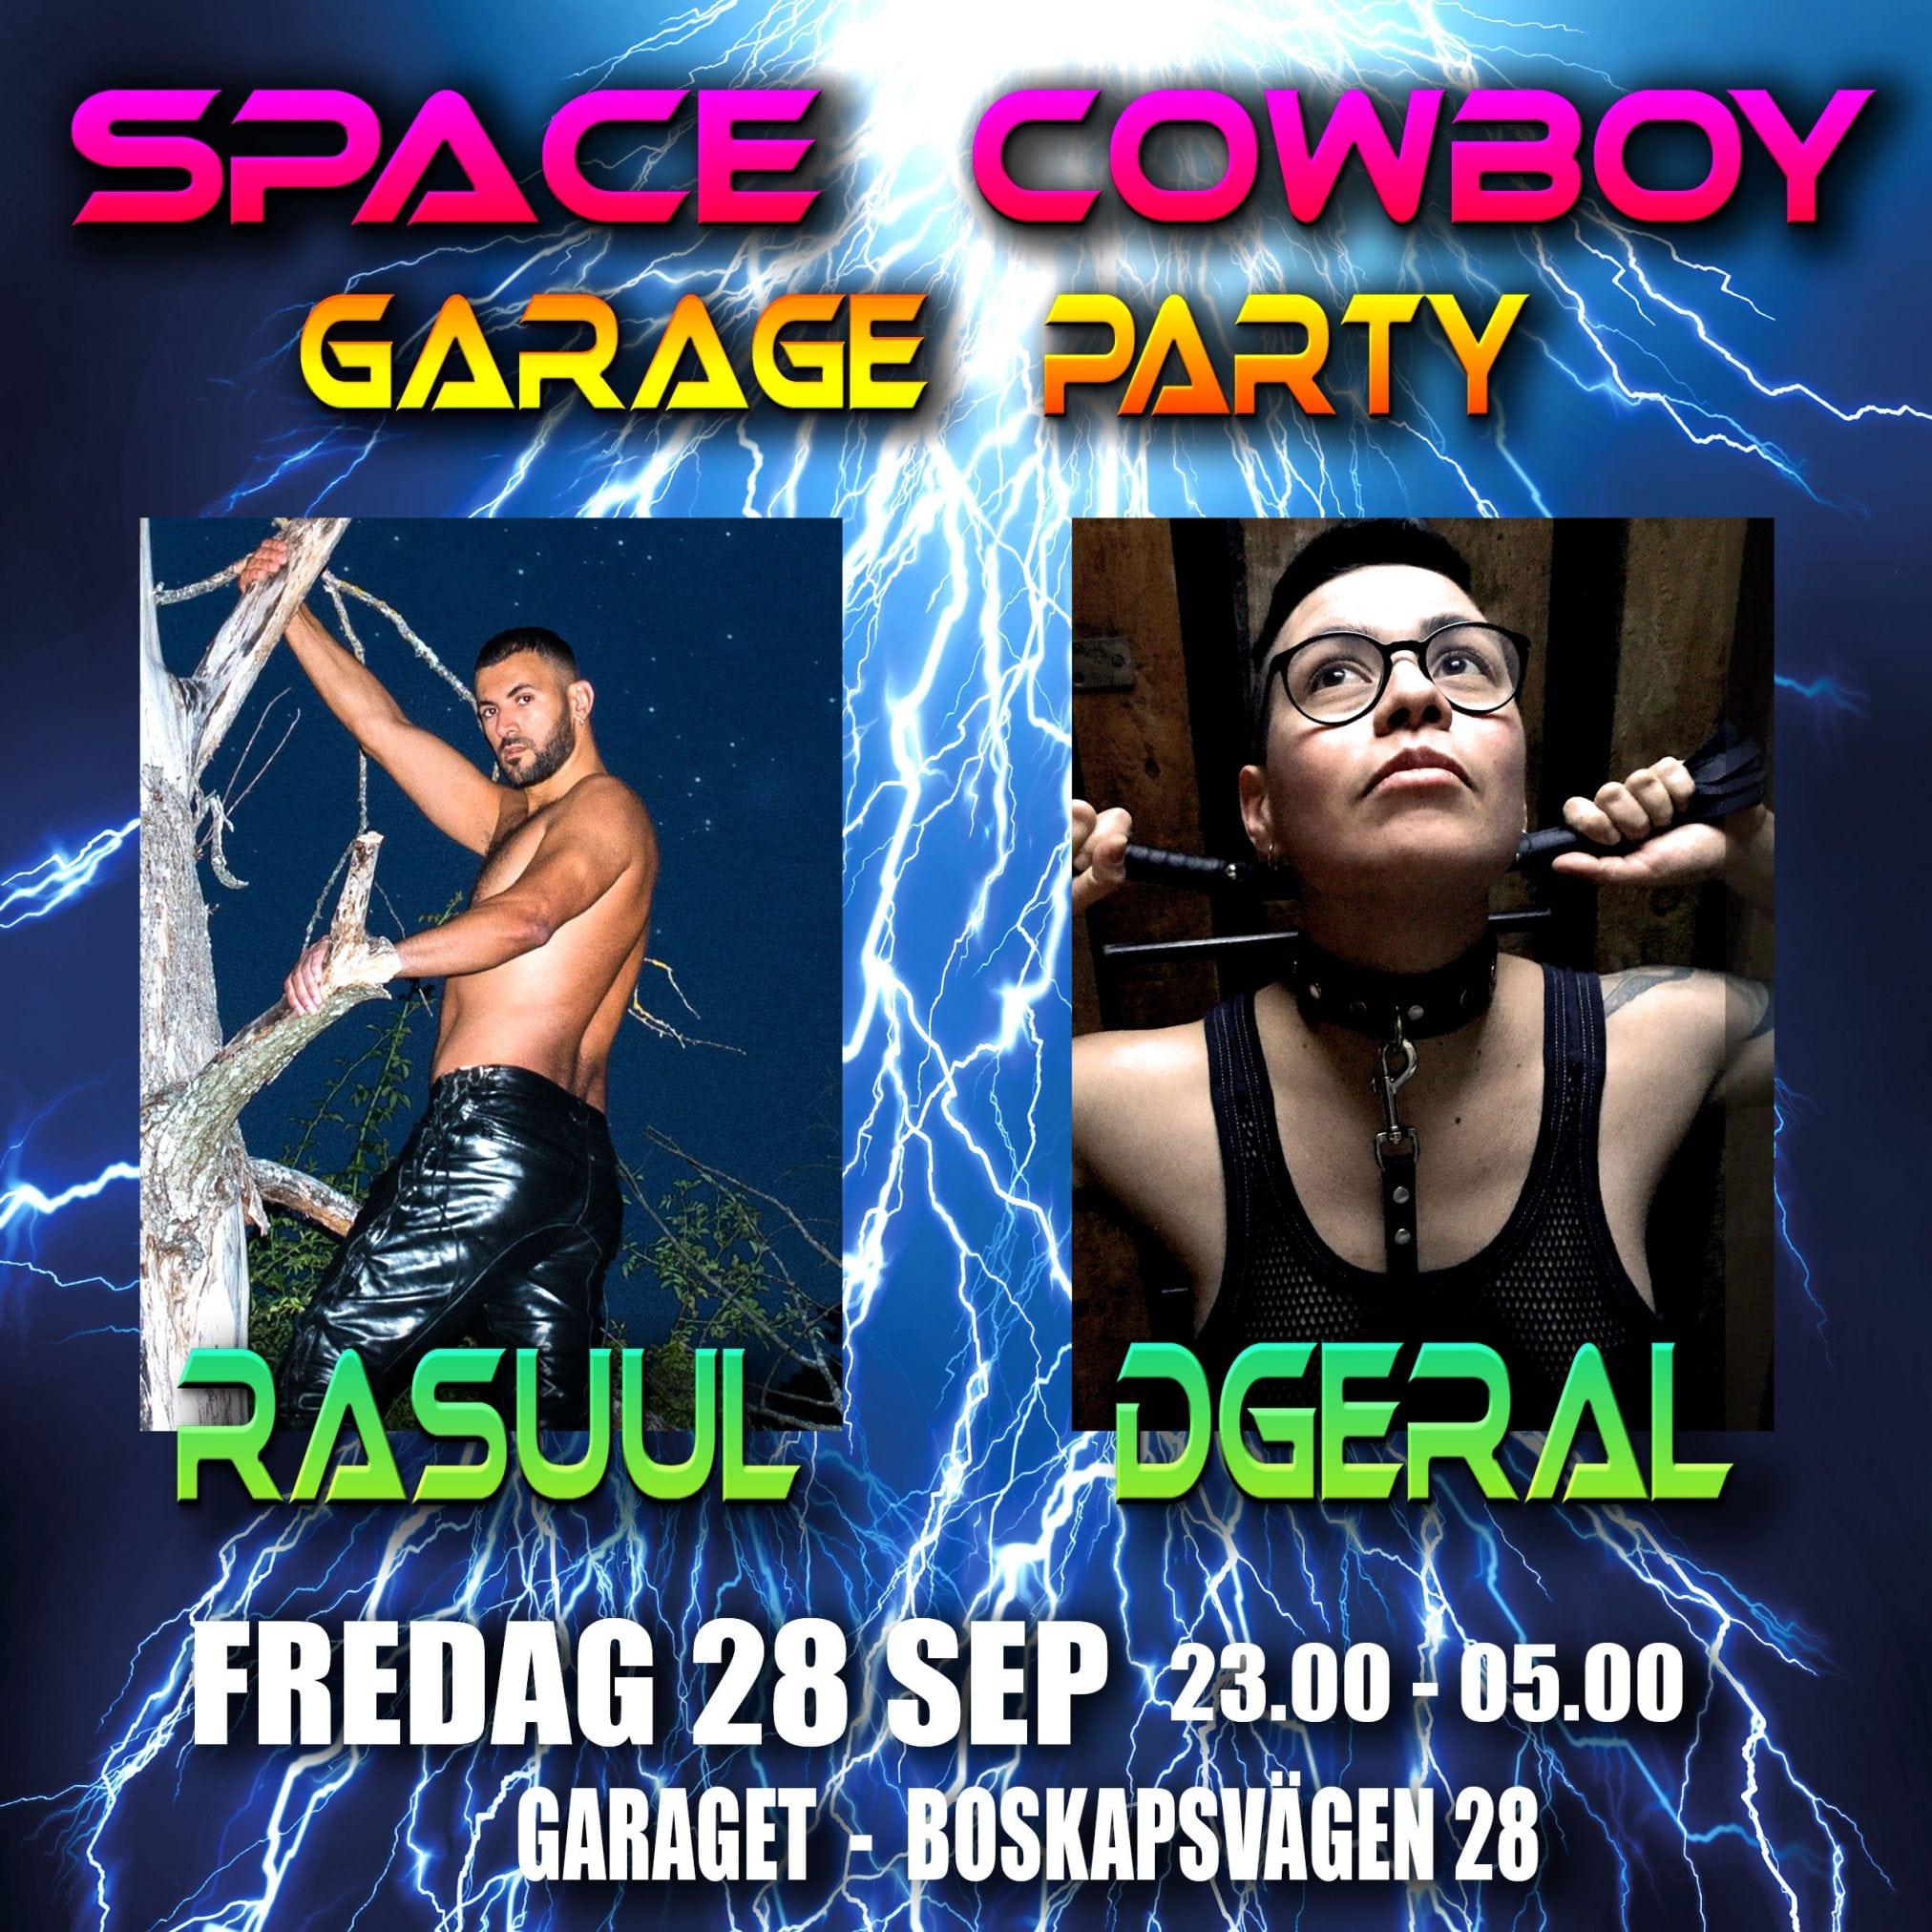 Queerfredag: Garaget öppnar, vampyrjakt och fotbollsromantik!